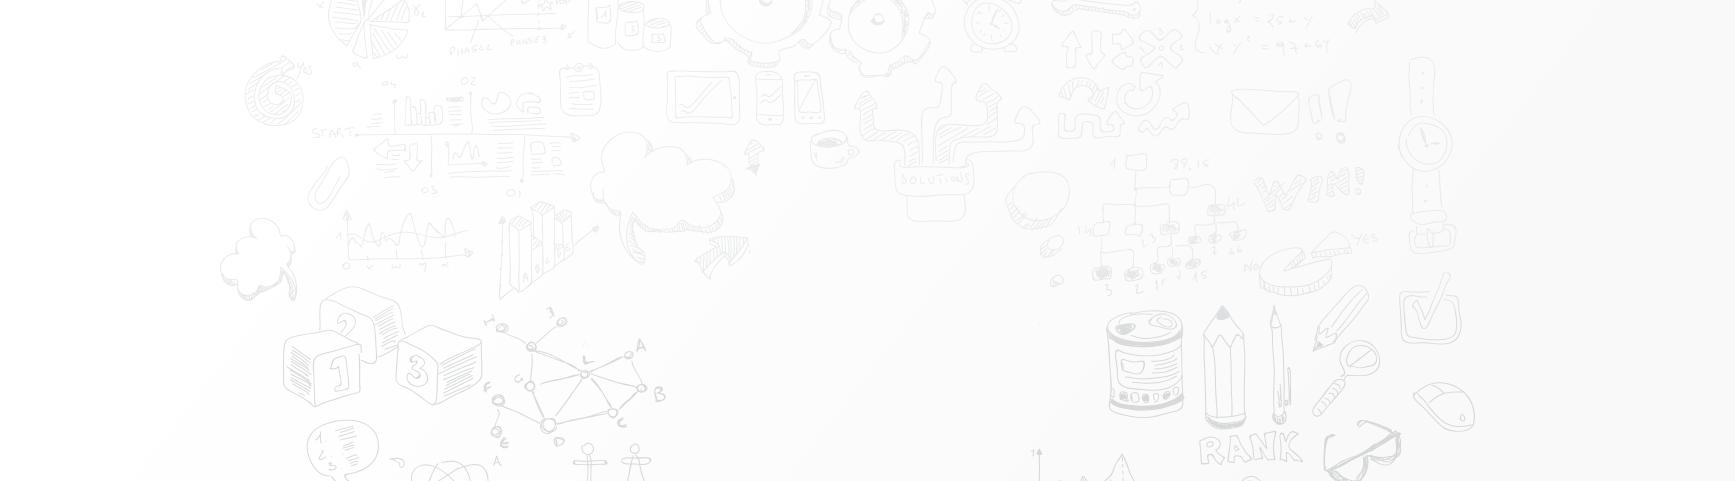 internetagentur-website-agentur-mediengestaltung-programmierung-onlineagentur-cms-seo-hosting-layout-websysteme